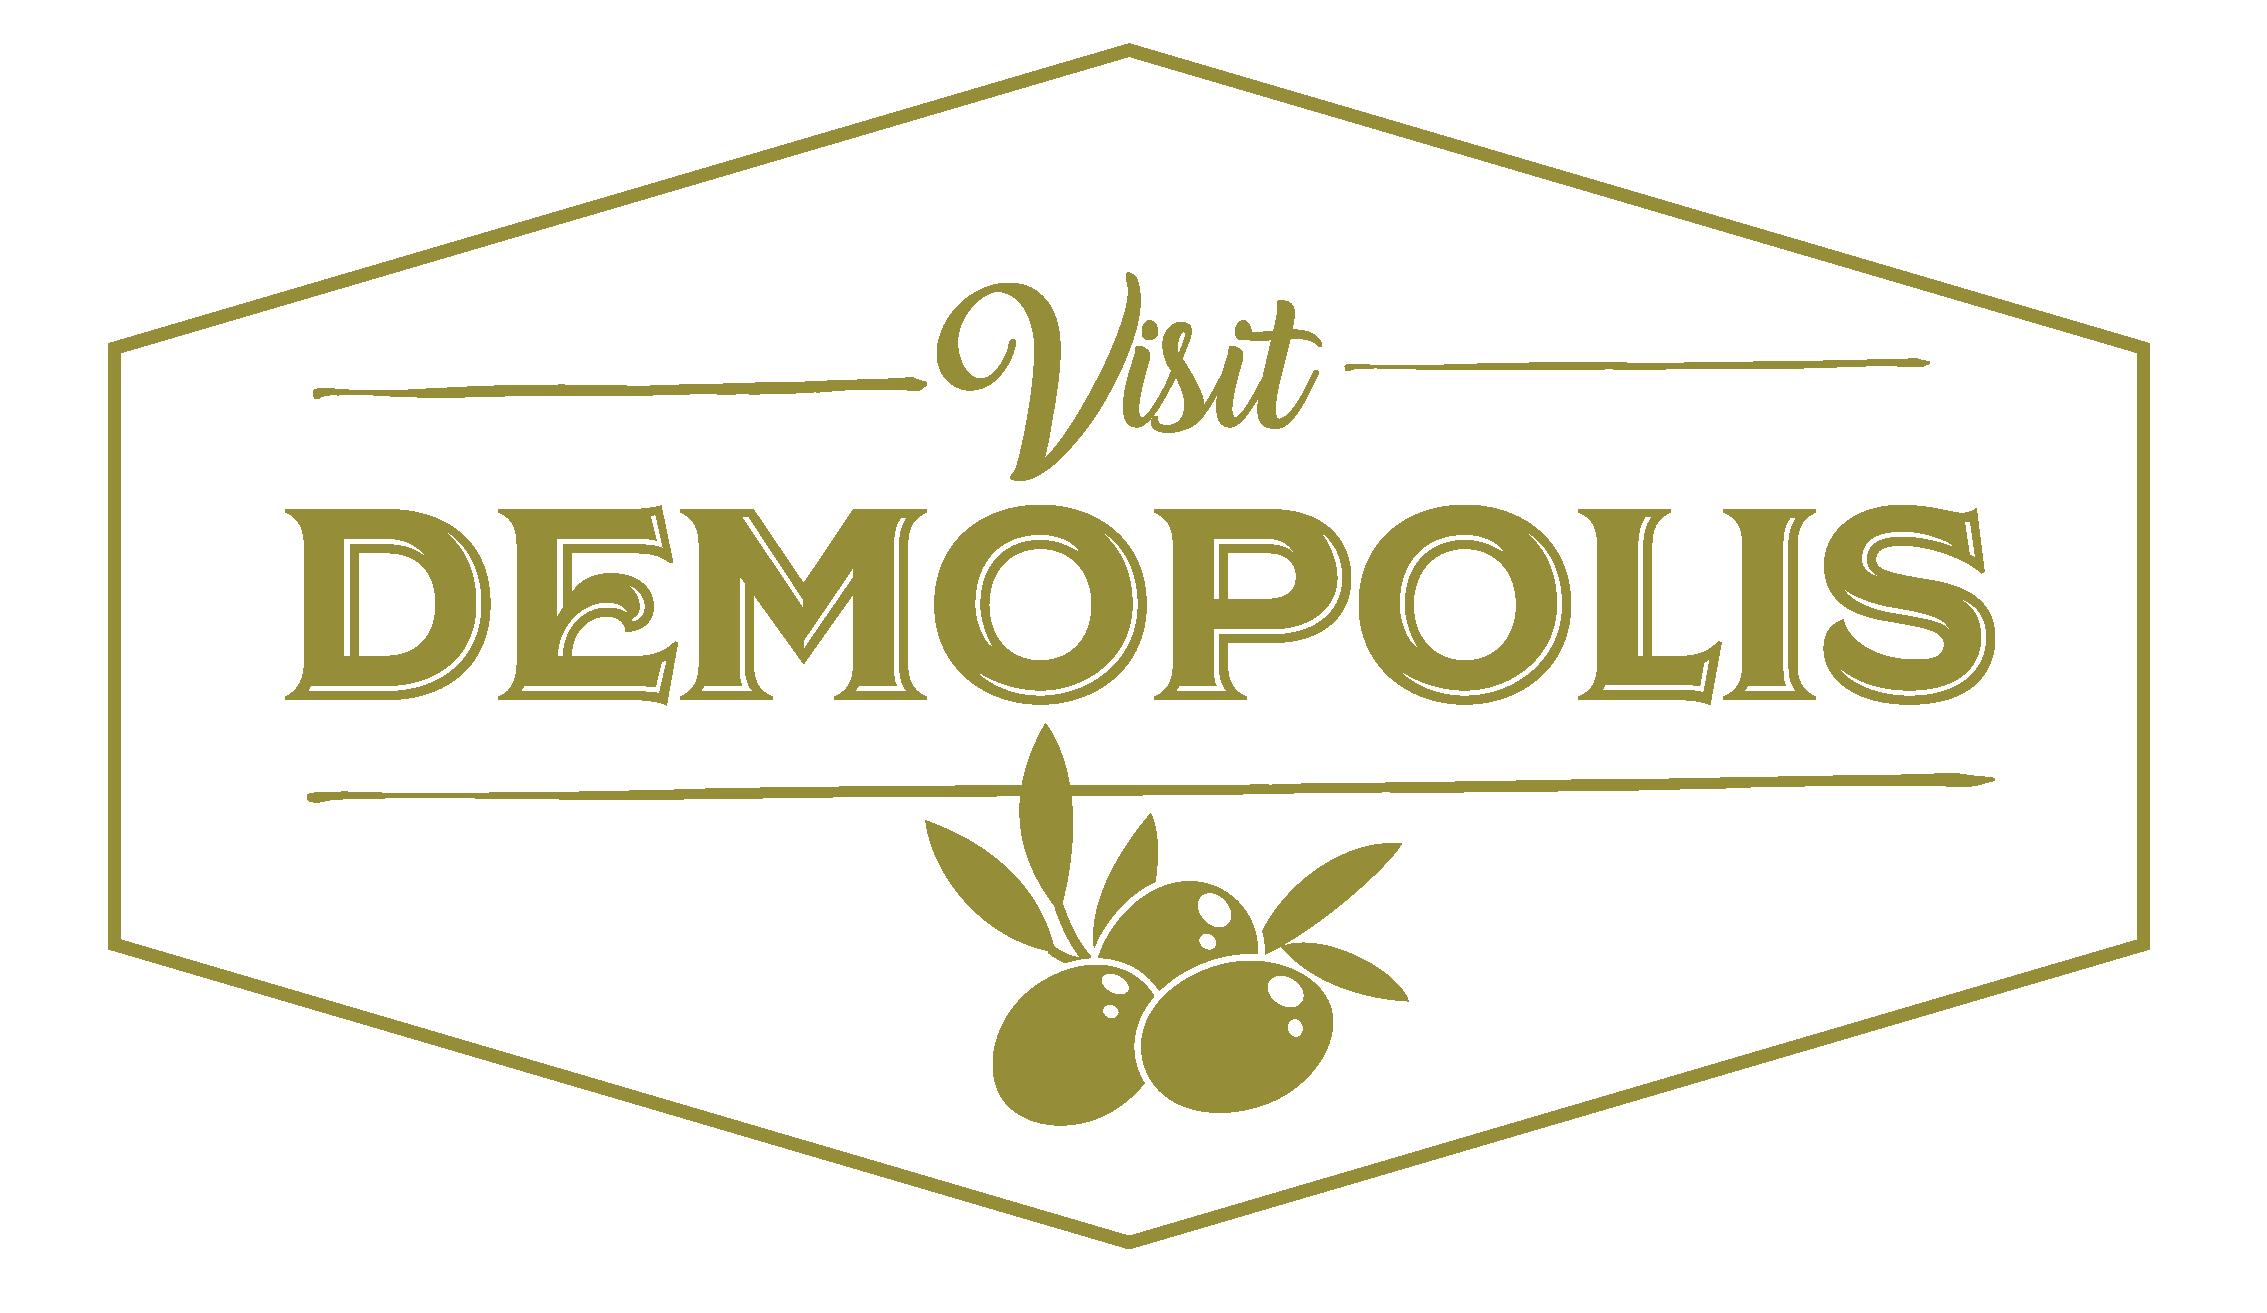 VISIT DEMOPOLIS